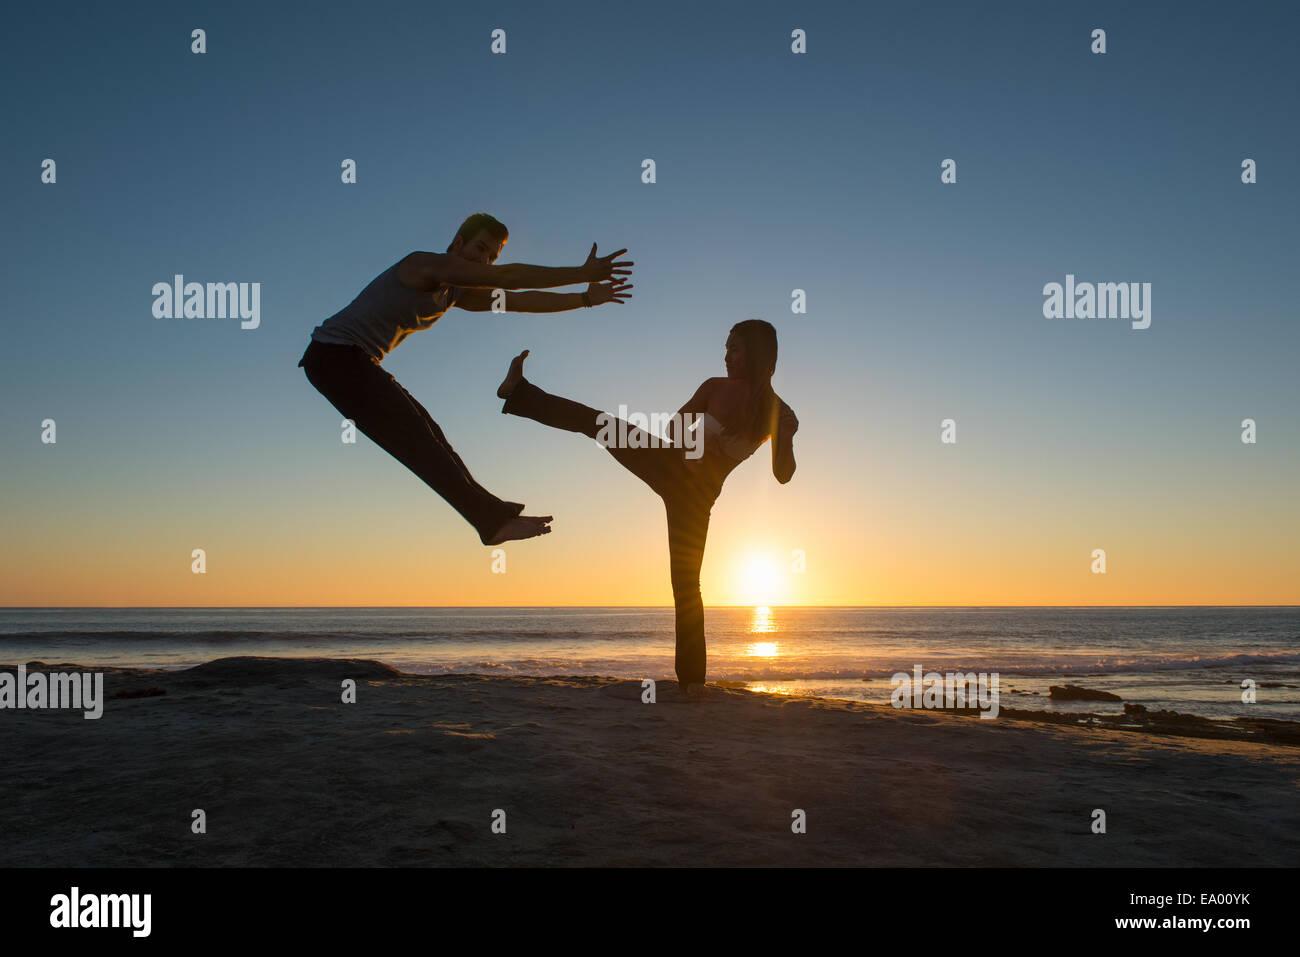 Menschen in springen und treten Posen am Windansea Beach, La Jolla, Kalifornien Stockbild